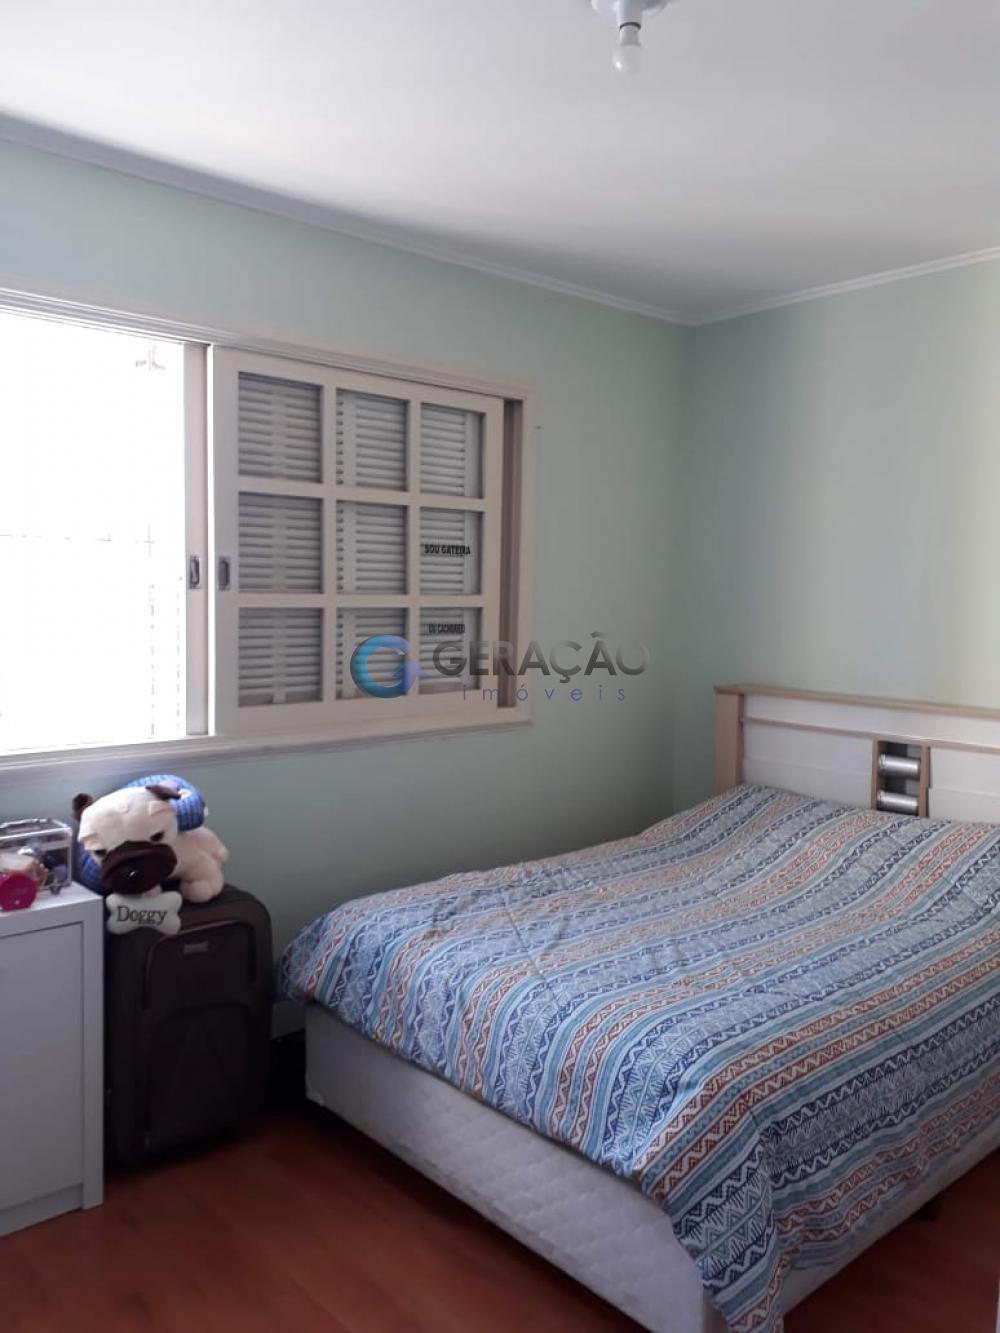 Comprar Apartamento / Padrão em São José dos Campos apenas R$ 650.000,00 - Foto 10